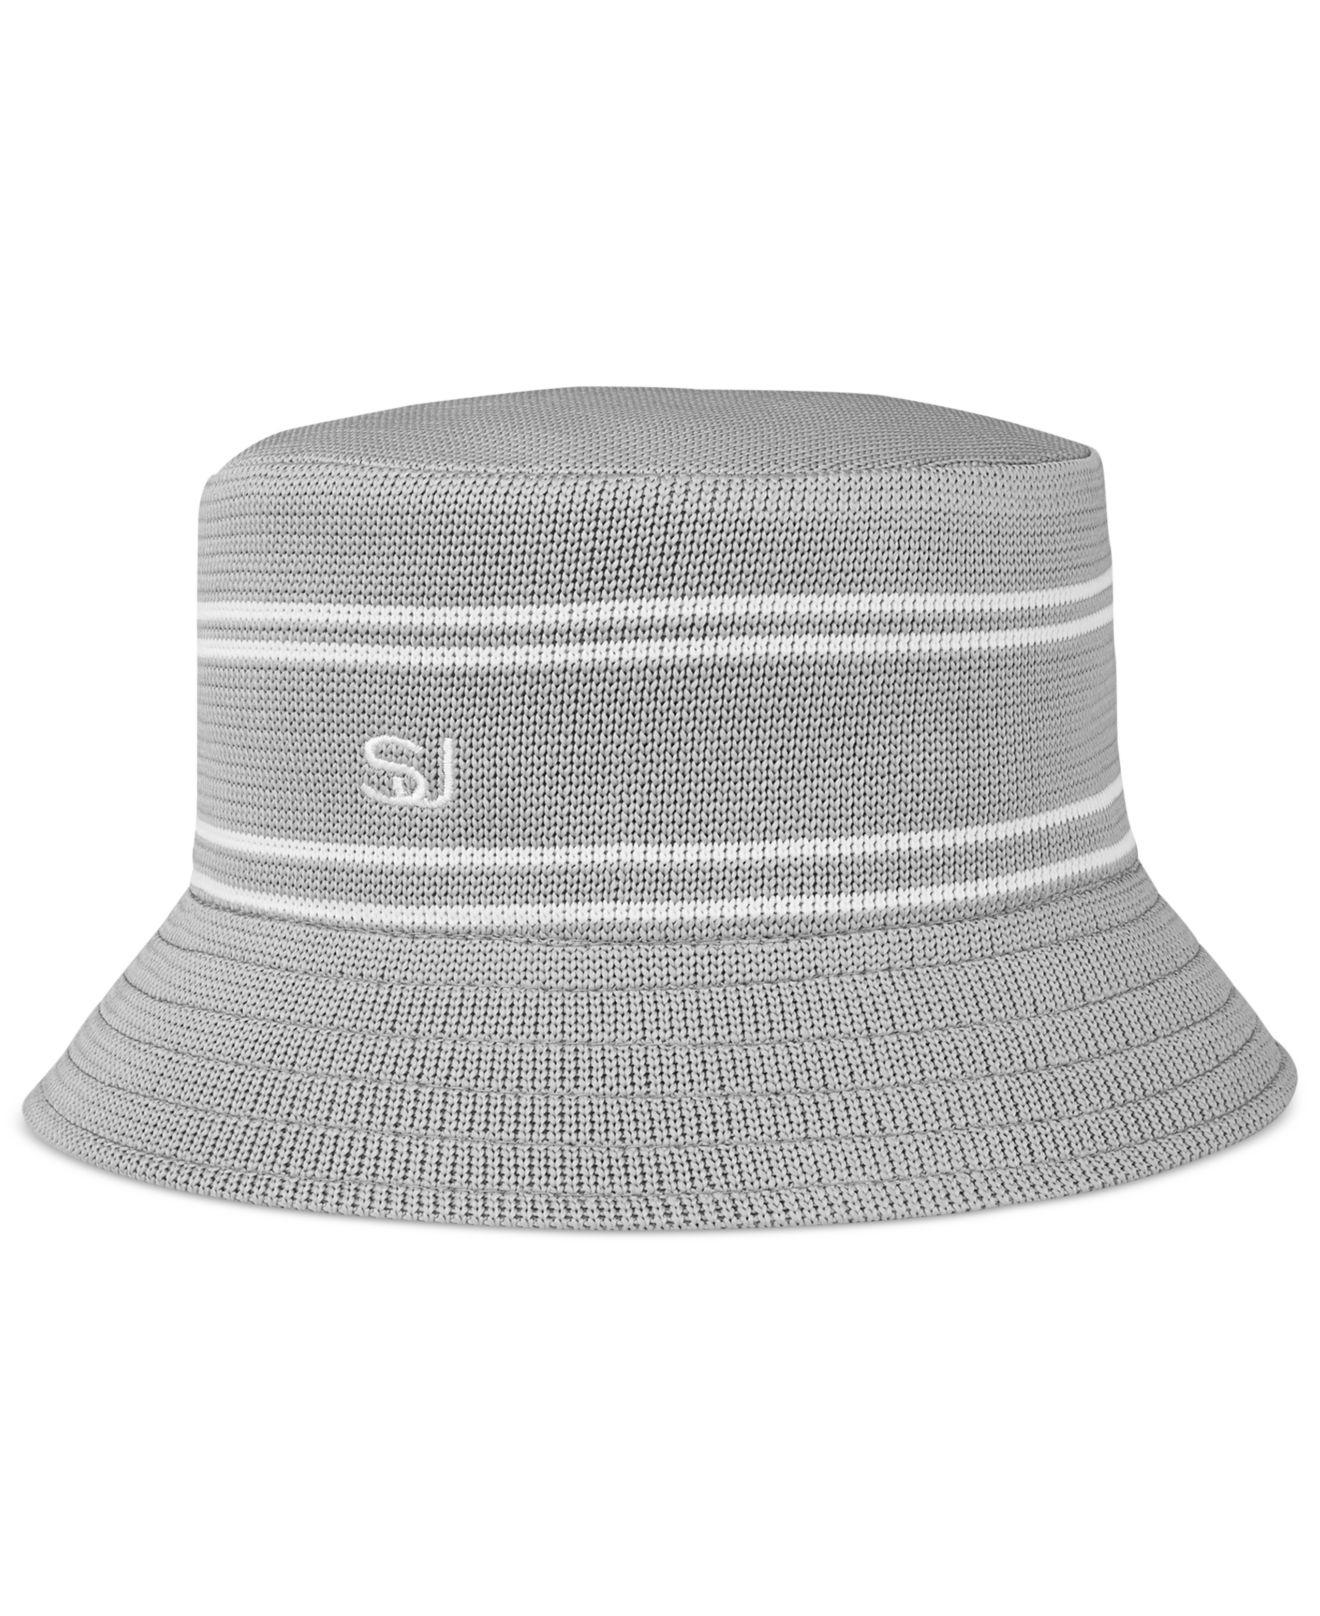 6ef3be88671 Lyst - Sean John Men s Stripe Bucket Hat in Gray for Men